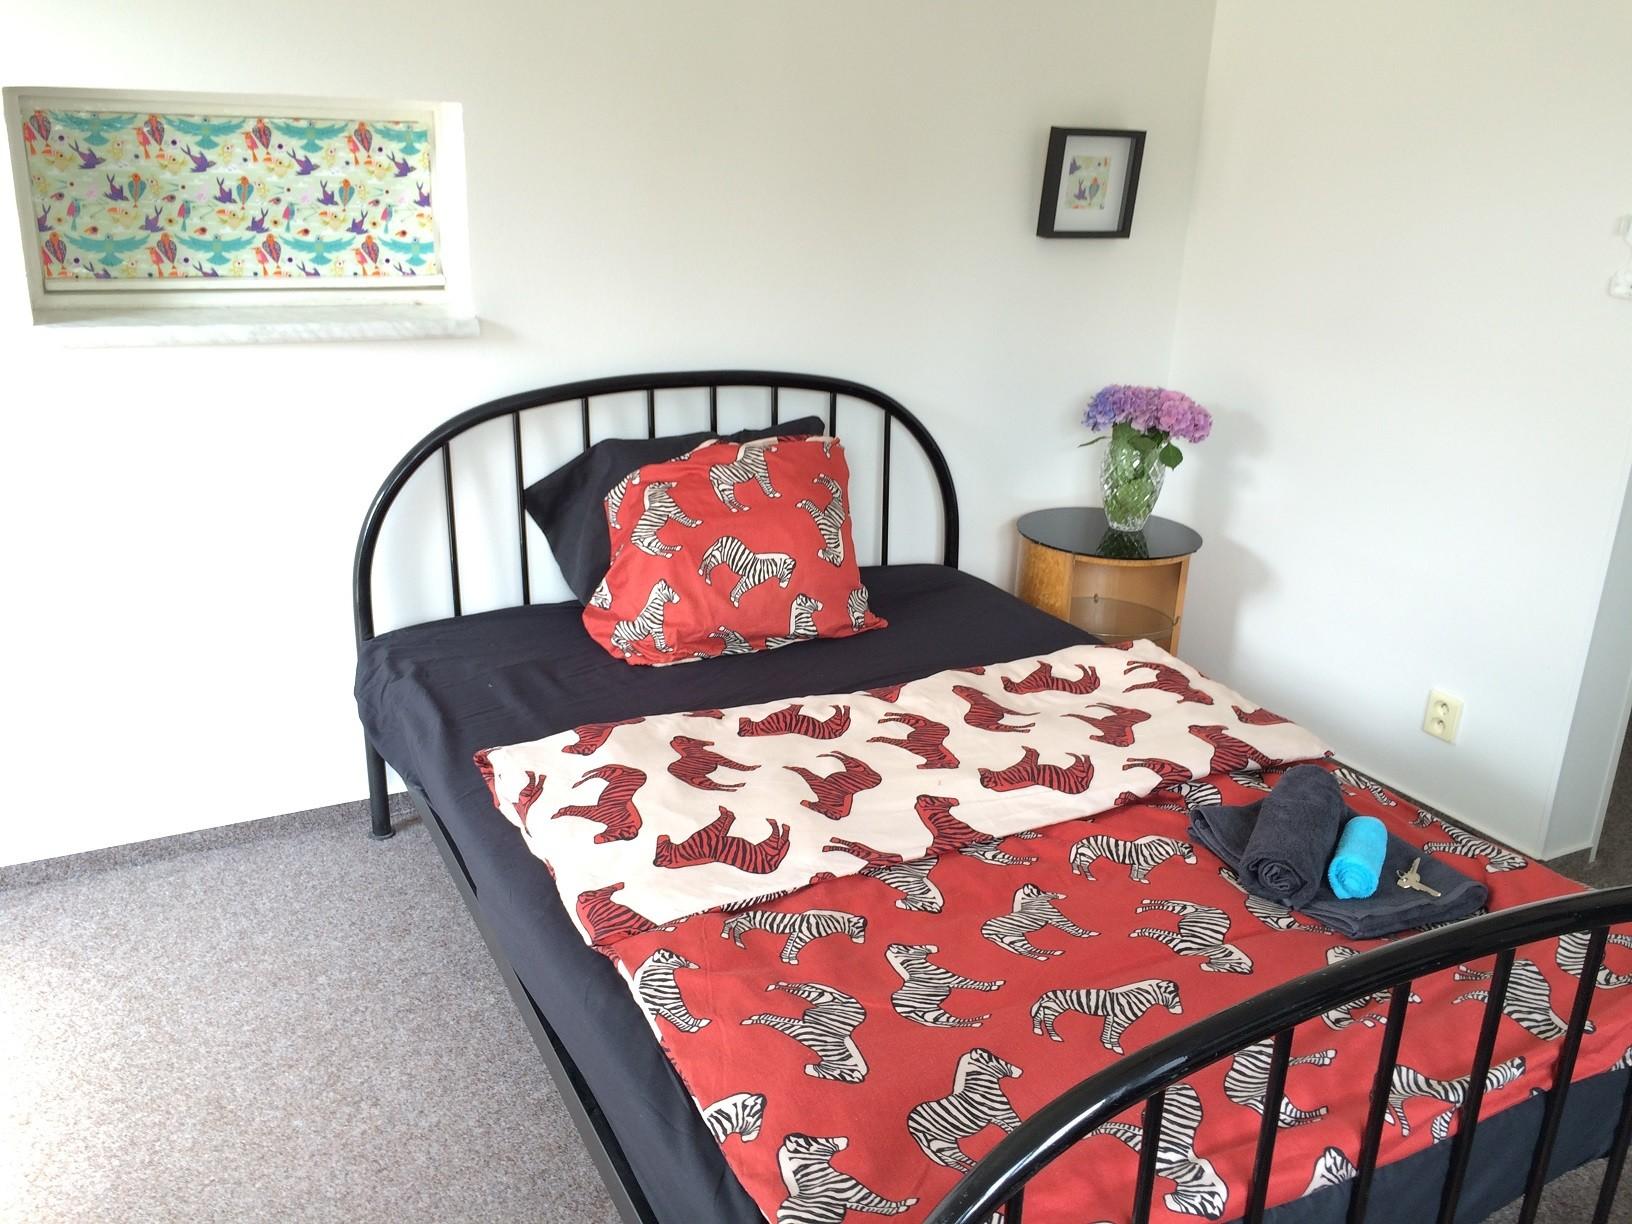 praha-4-exceptional-bright-room-balcony-602dd677b91565a05a555ca399dd46c1